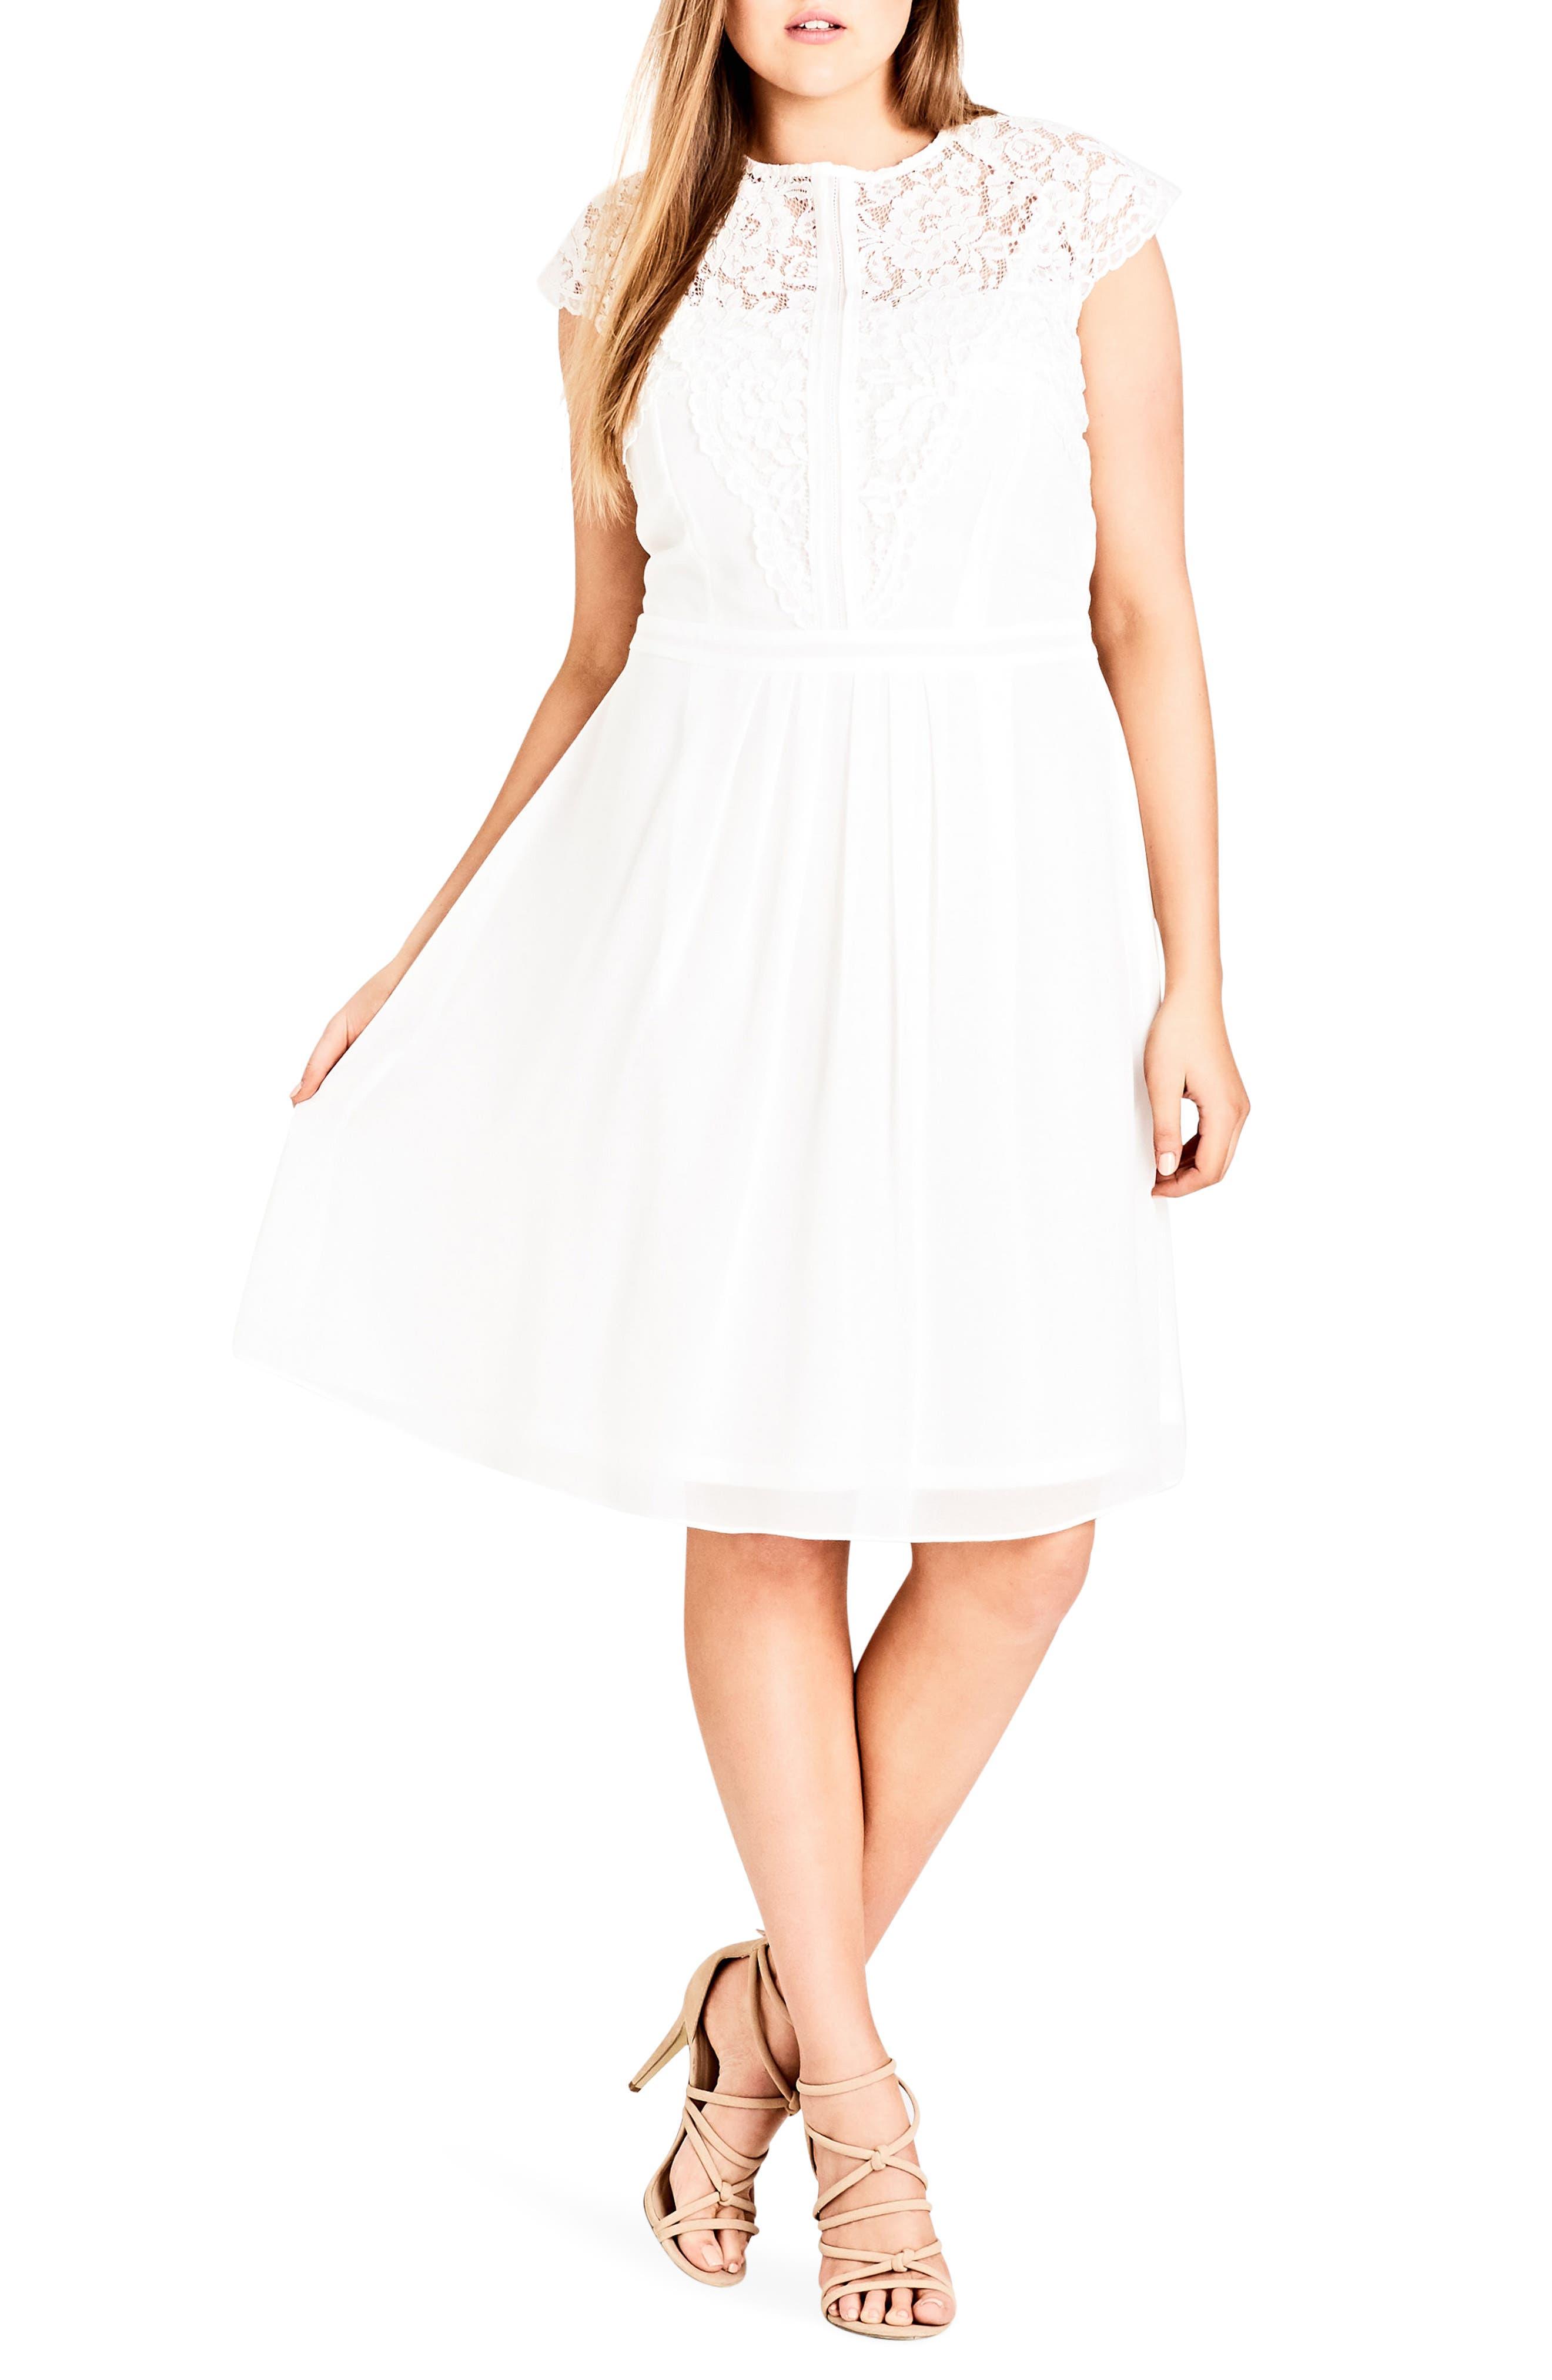 Alternate Image 1 Selected - City Chic Lace & Chiffon Dress (Plus Size)